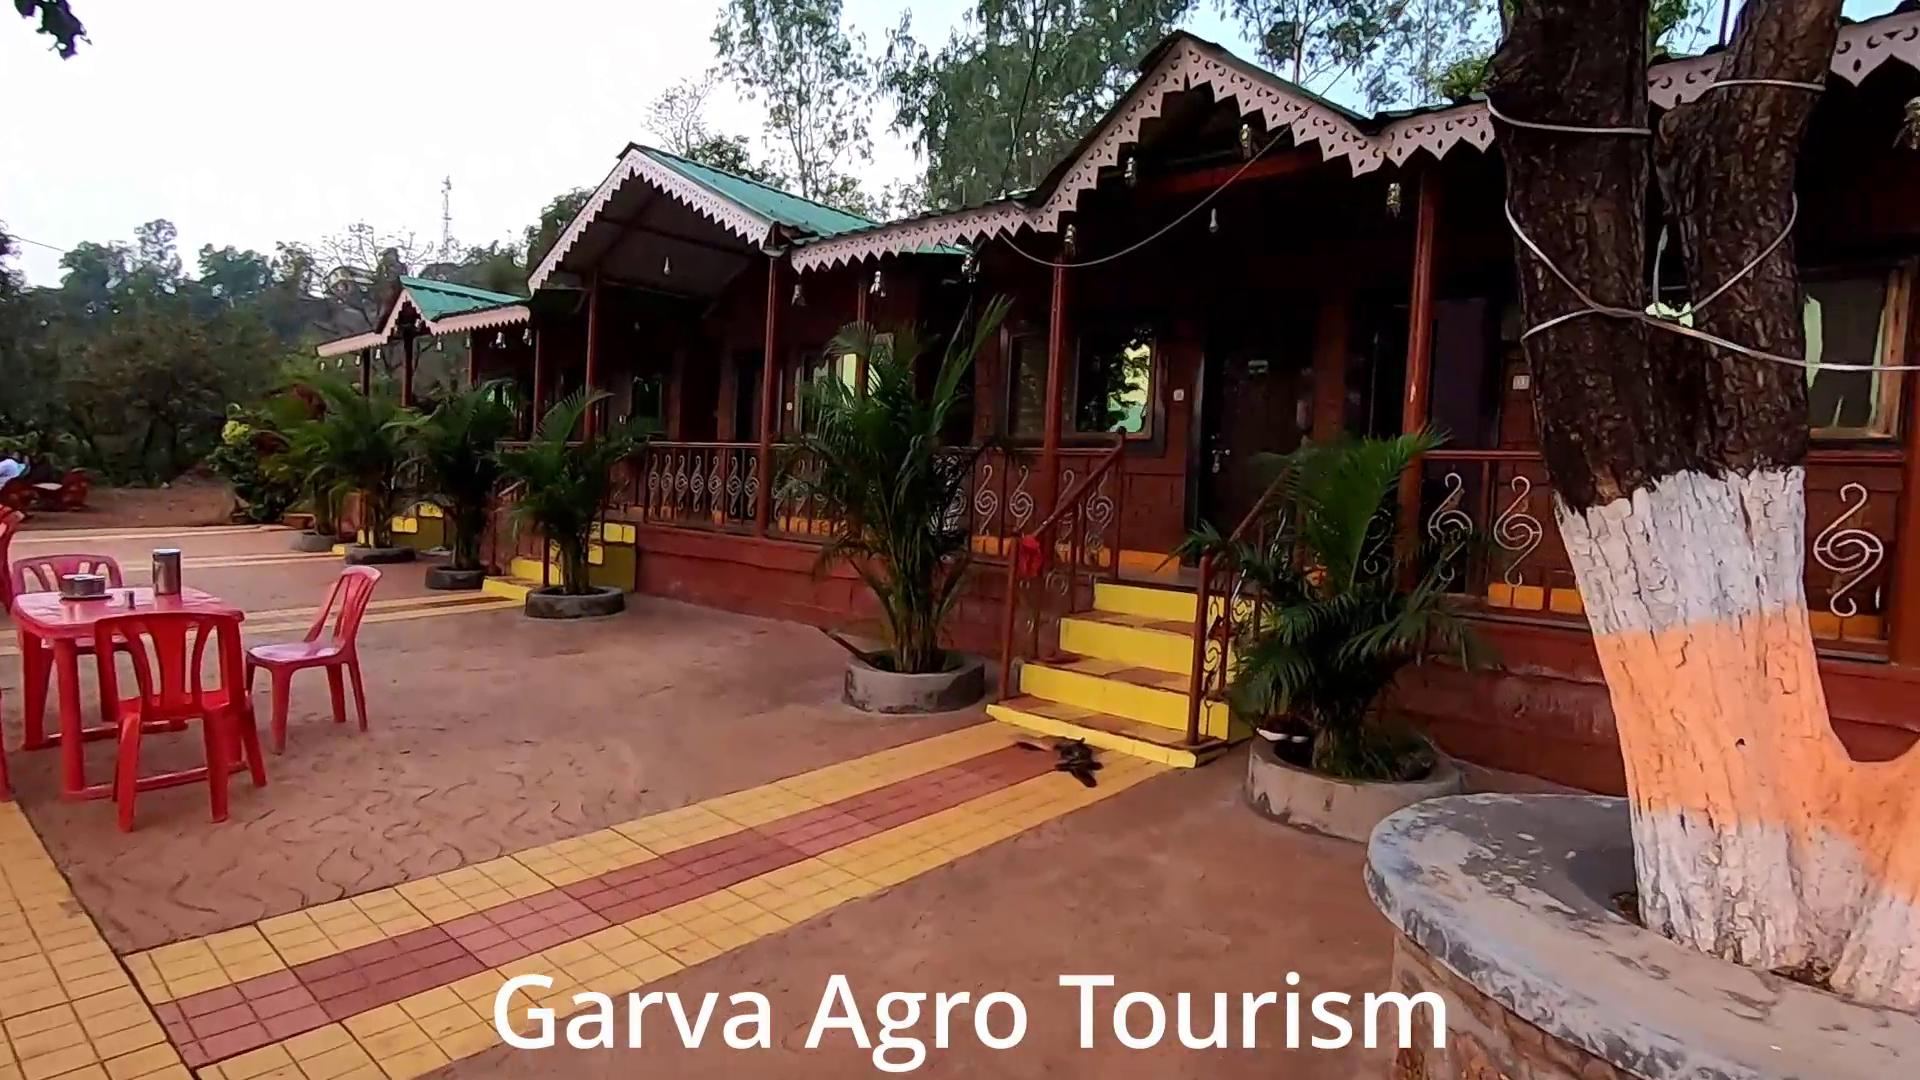 Garva Agro Tourism Tapola